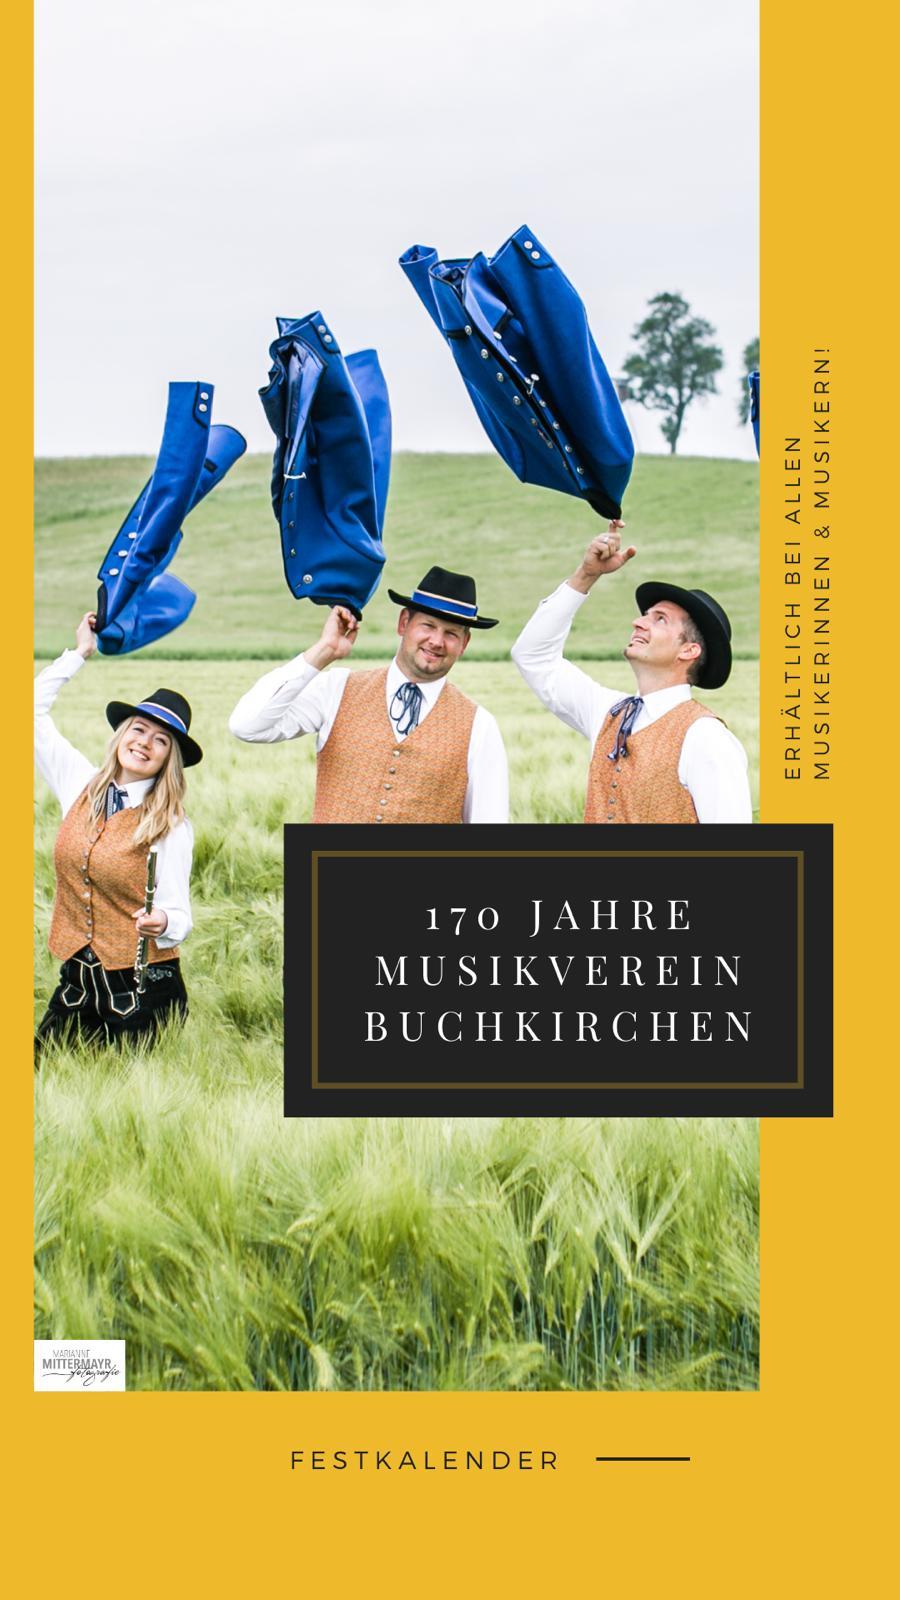 Festkalender 170 Jahre Musikverein Buchkirchen